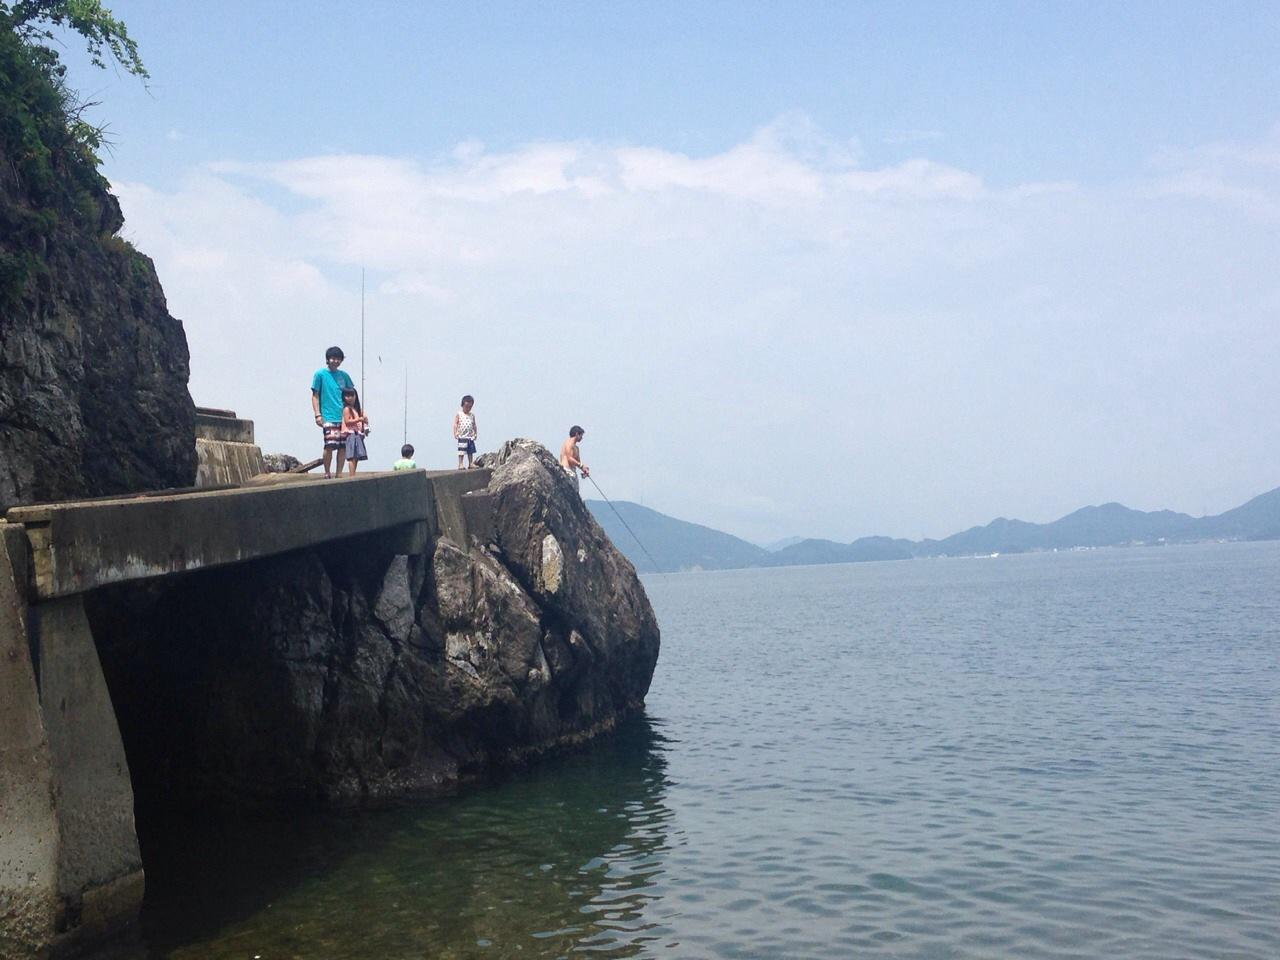 真珠浜海水浴場、福井小浜のBBQが楽しめる空いてる穴場のほぼプライベートビーチがオススメ